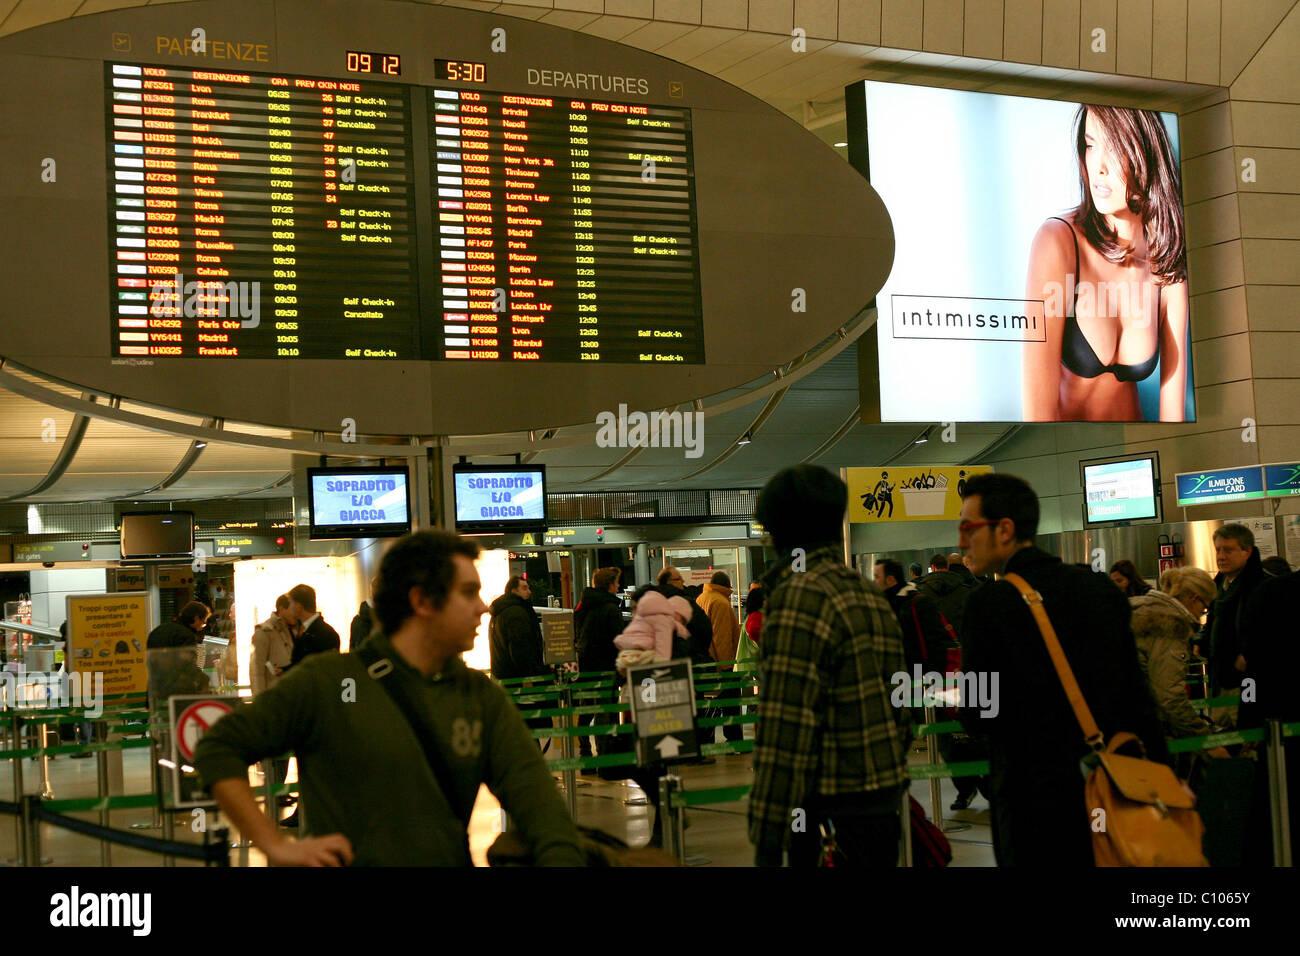 Leonardo da Vinci-Fiumicino Airport, Rome, Italy - Stock Image